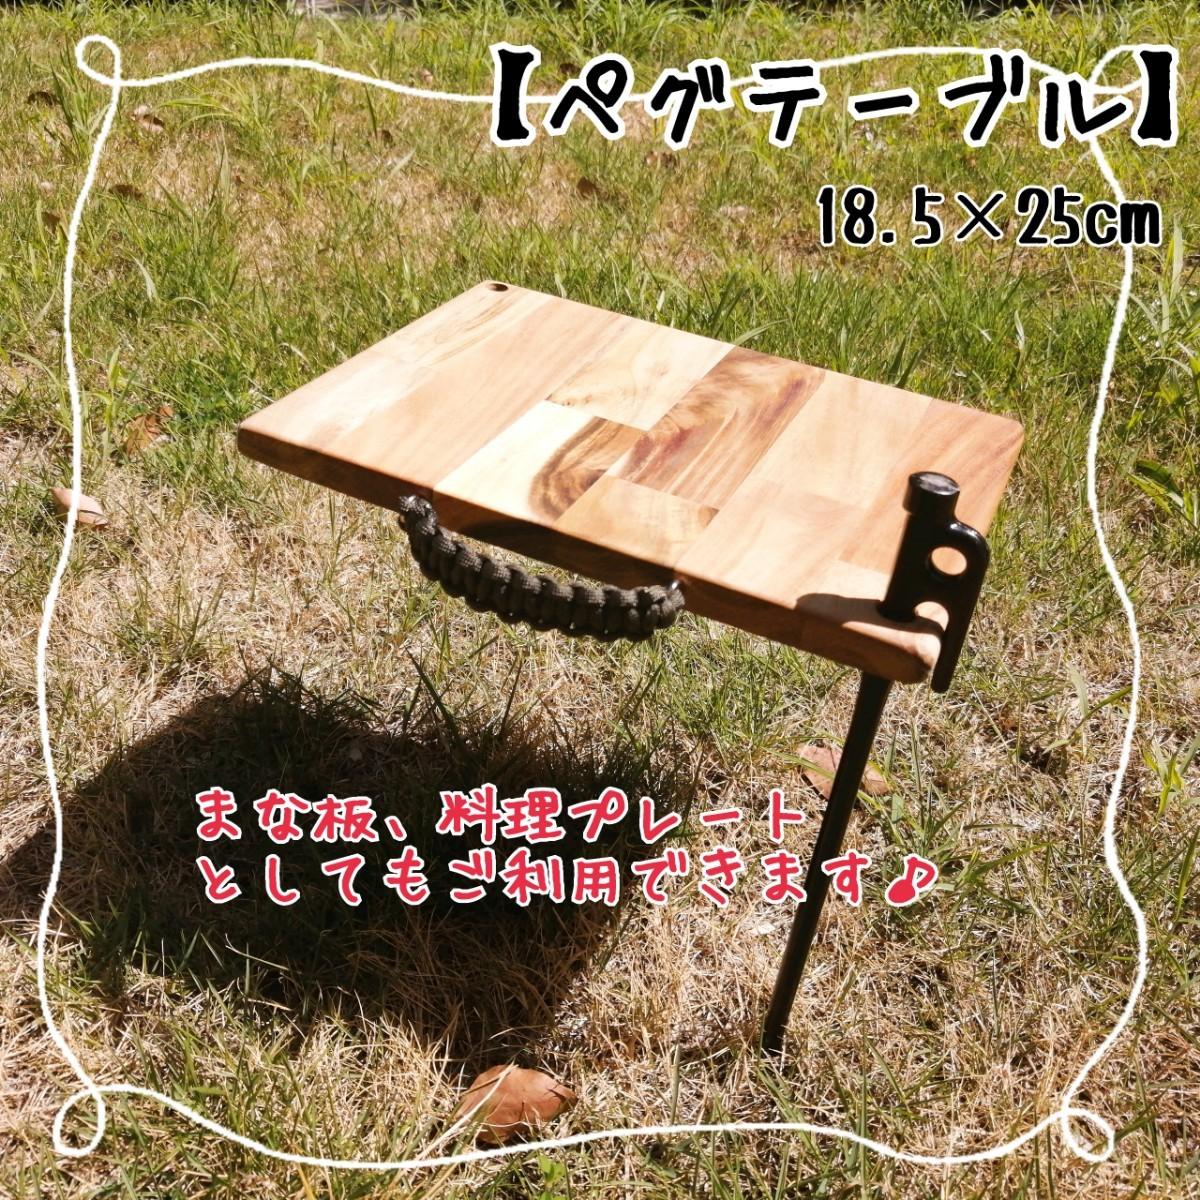 【週末限定価格】ペグテーブル・まな板・プレート兼用 アウトドアテーブル